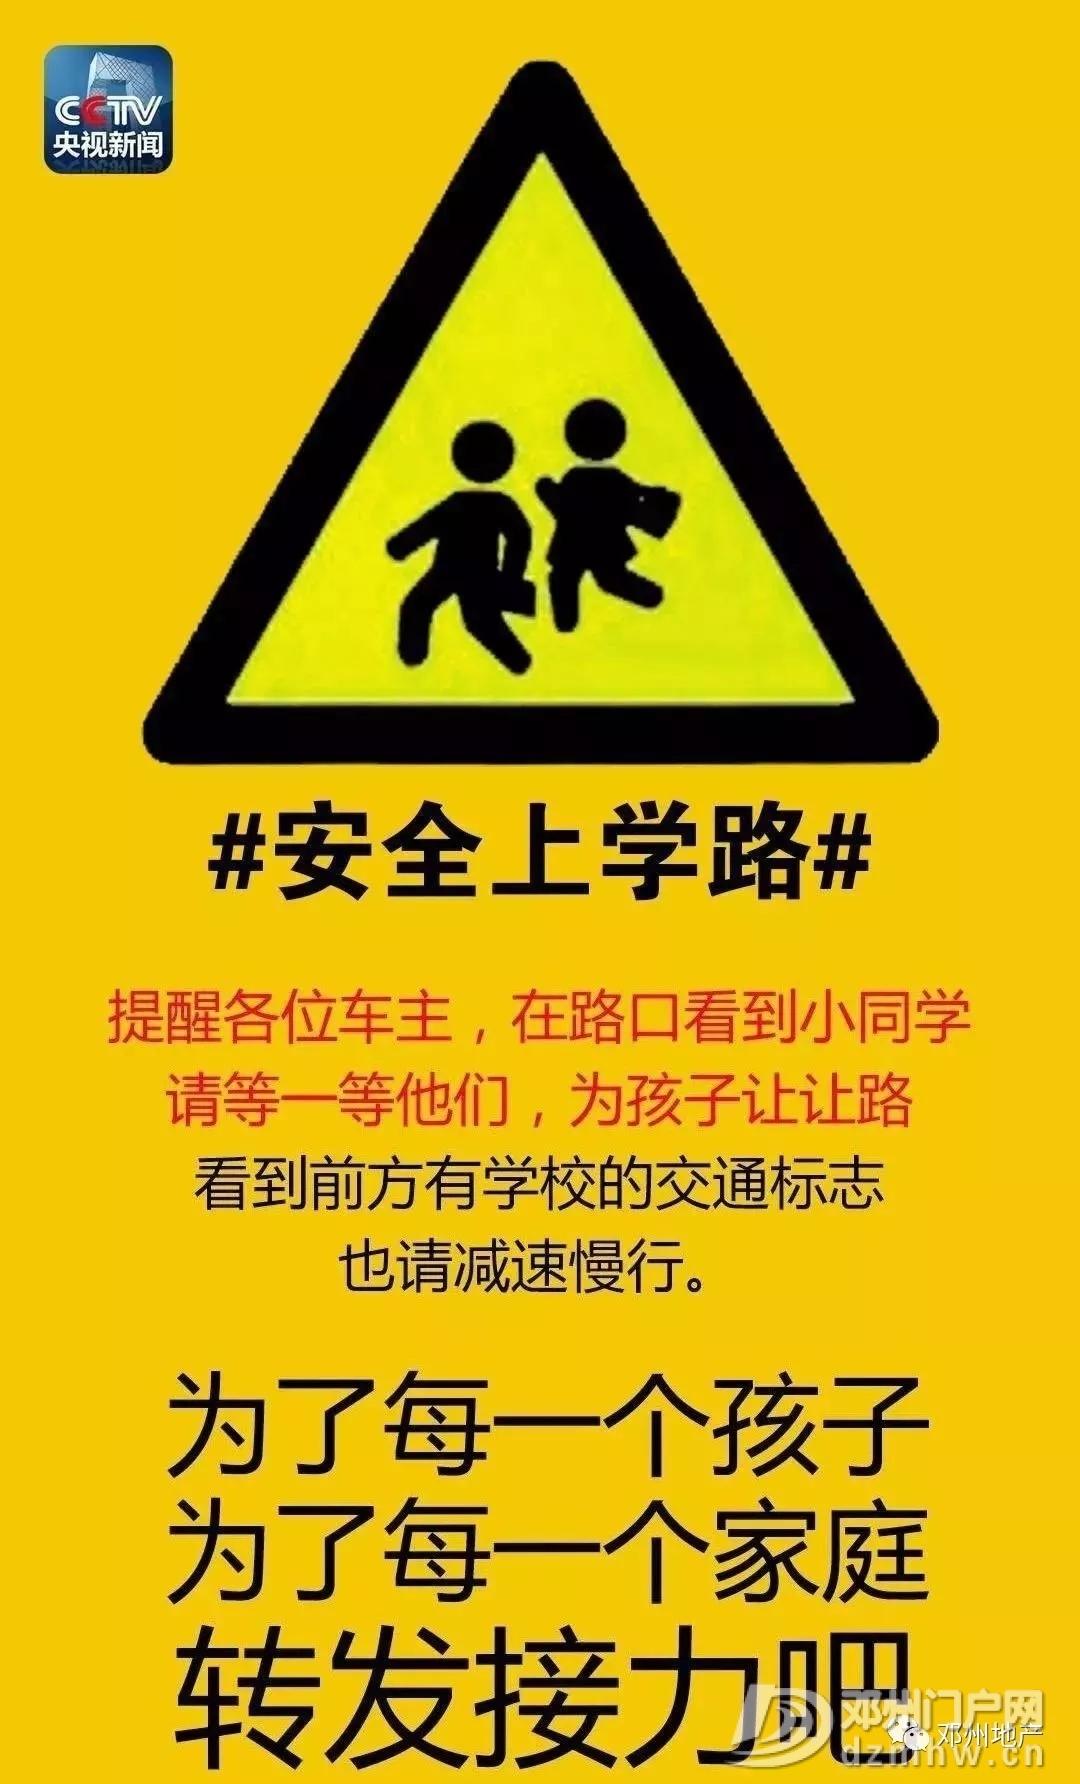 警惕!邓州北京路学校家长送学生上学路上发生车祸! - 邓州门户网|邓州网 - 640.webp19.jpg